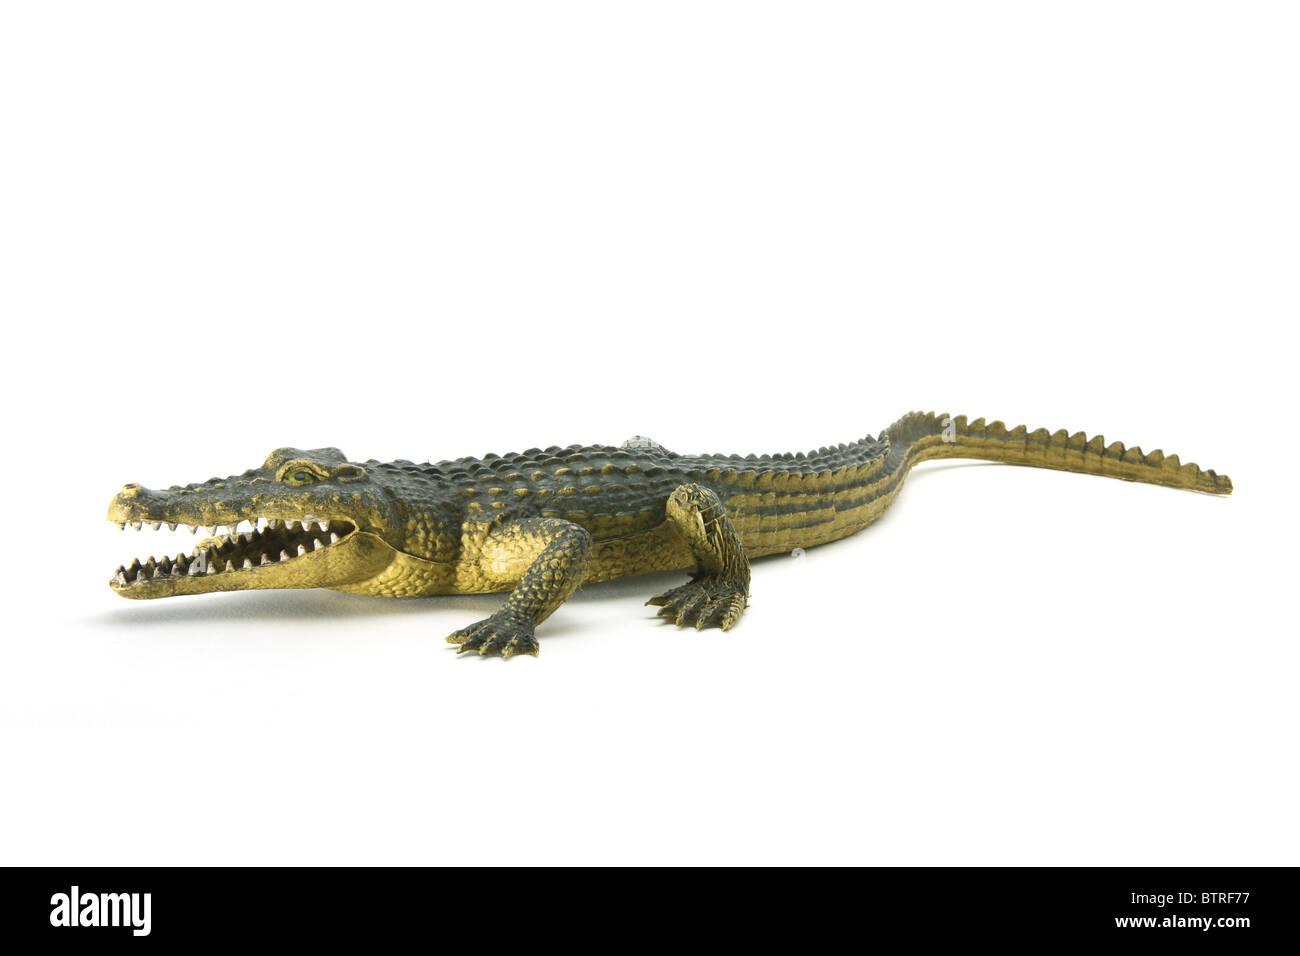 Rubber Crocodile - Stock Image